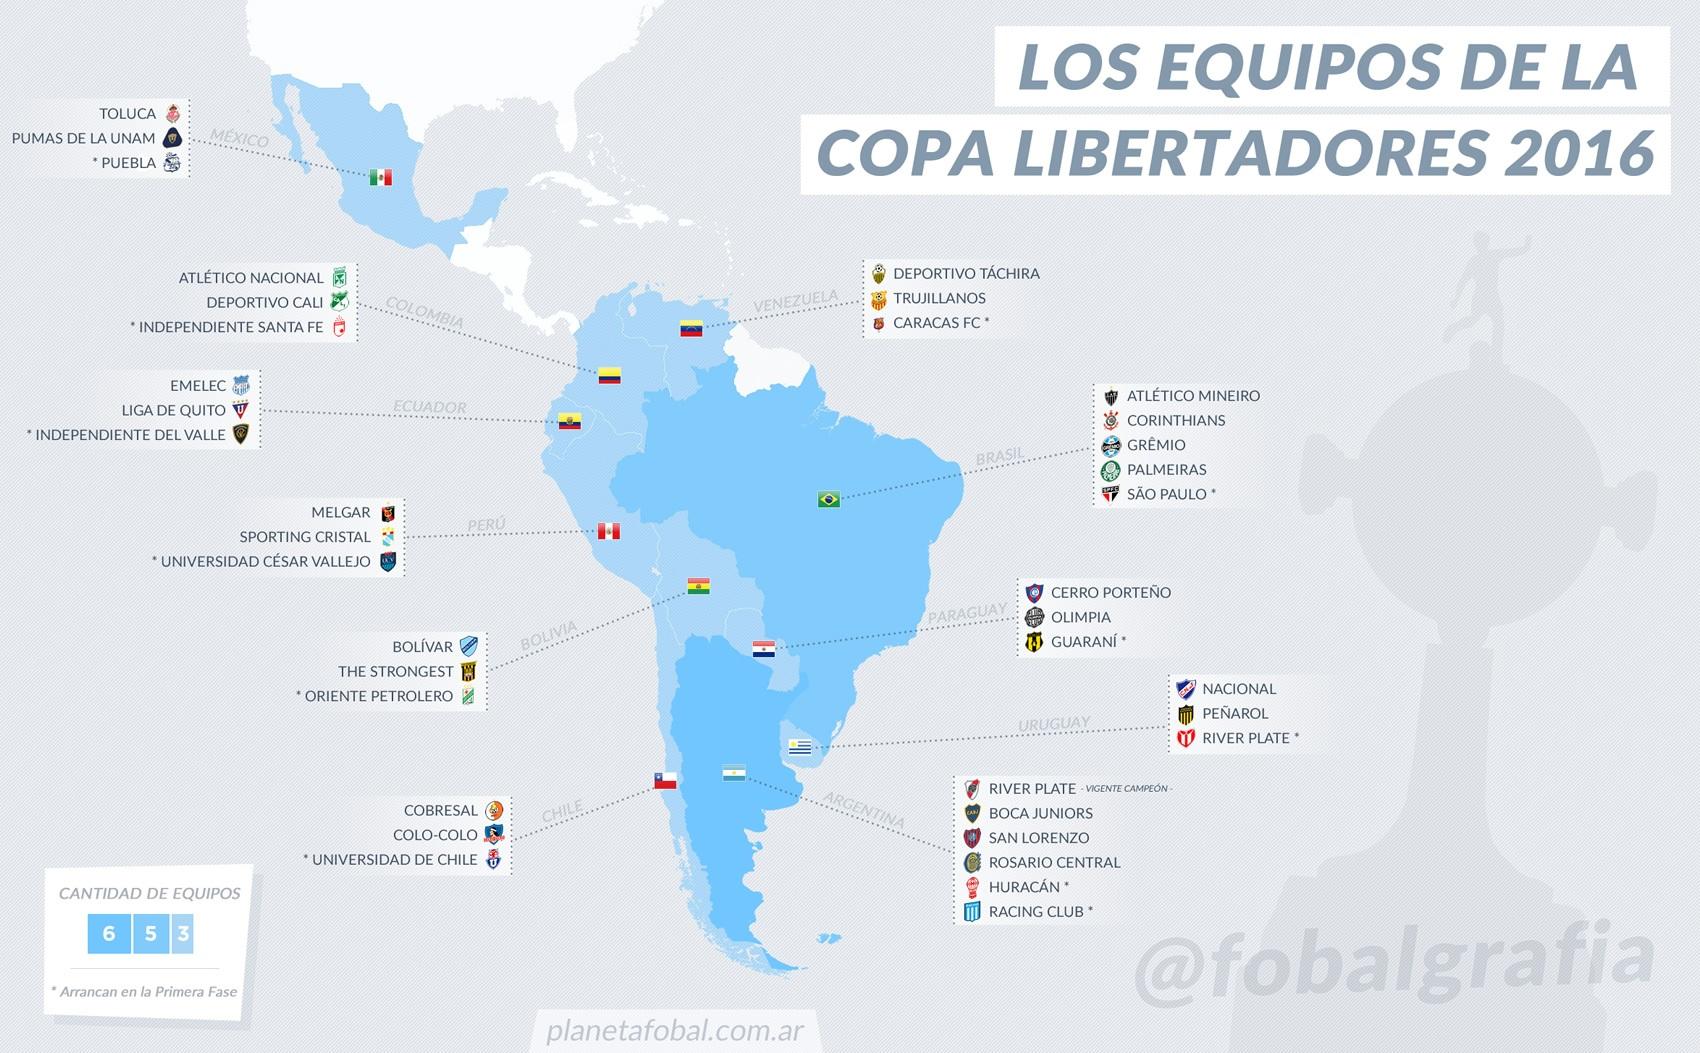 Los equipos de la Copa Libertadores 2016